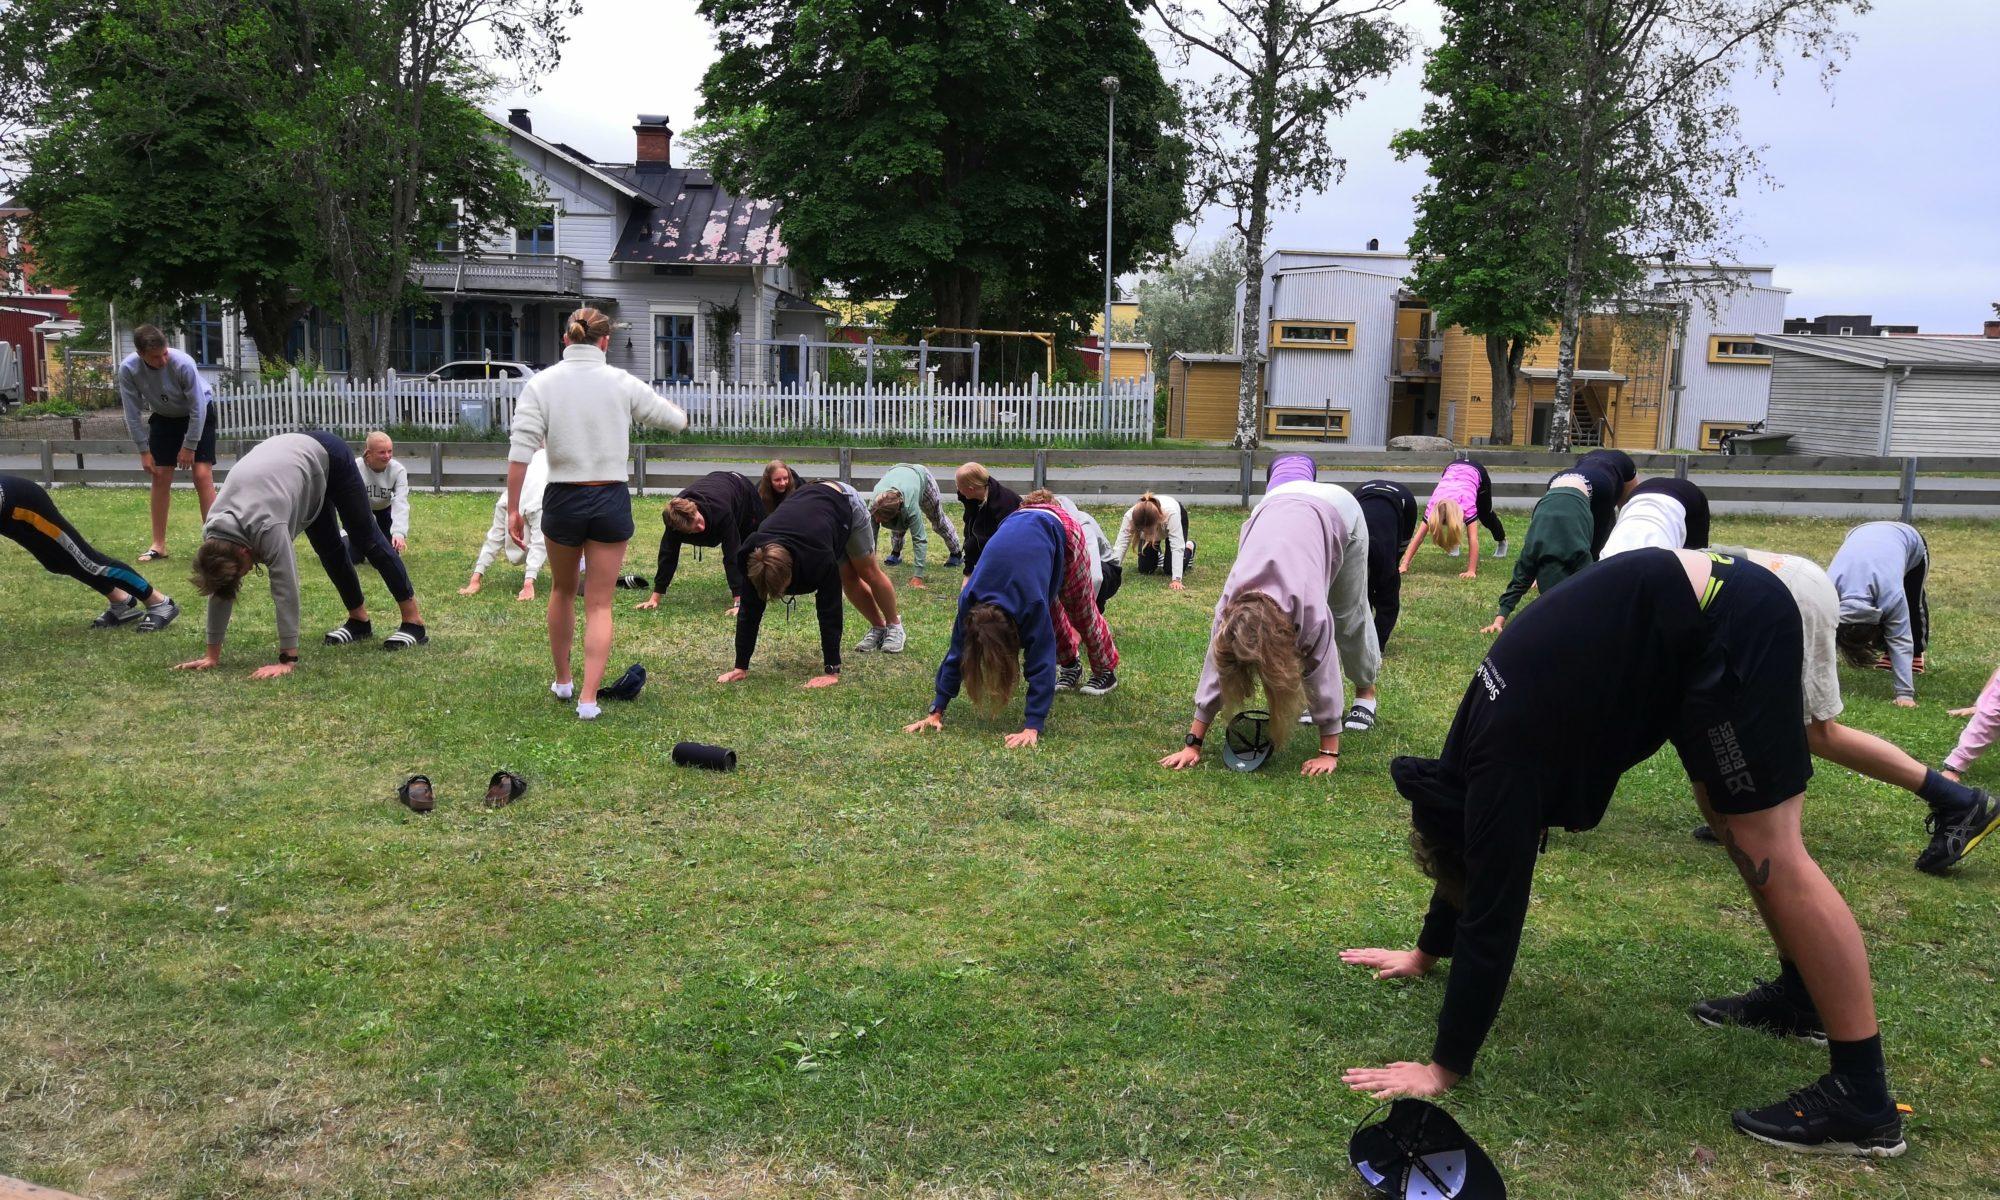 En grupp människor står i yoga position ute på en gräsmatta.